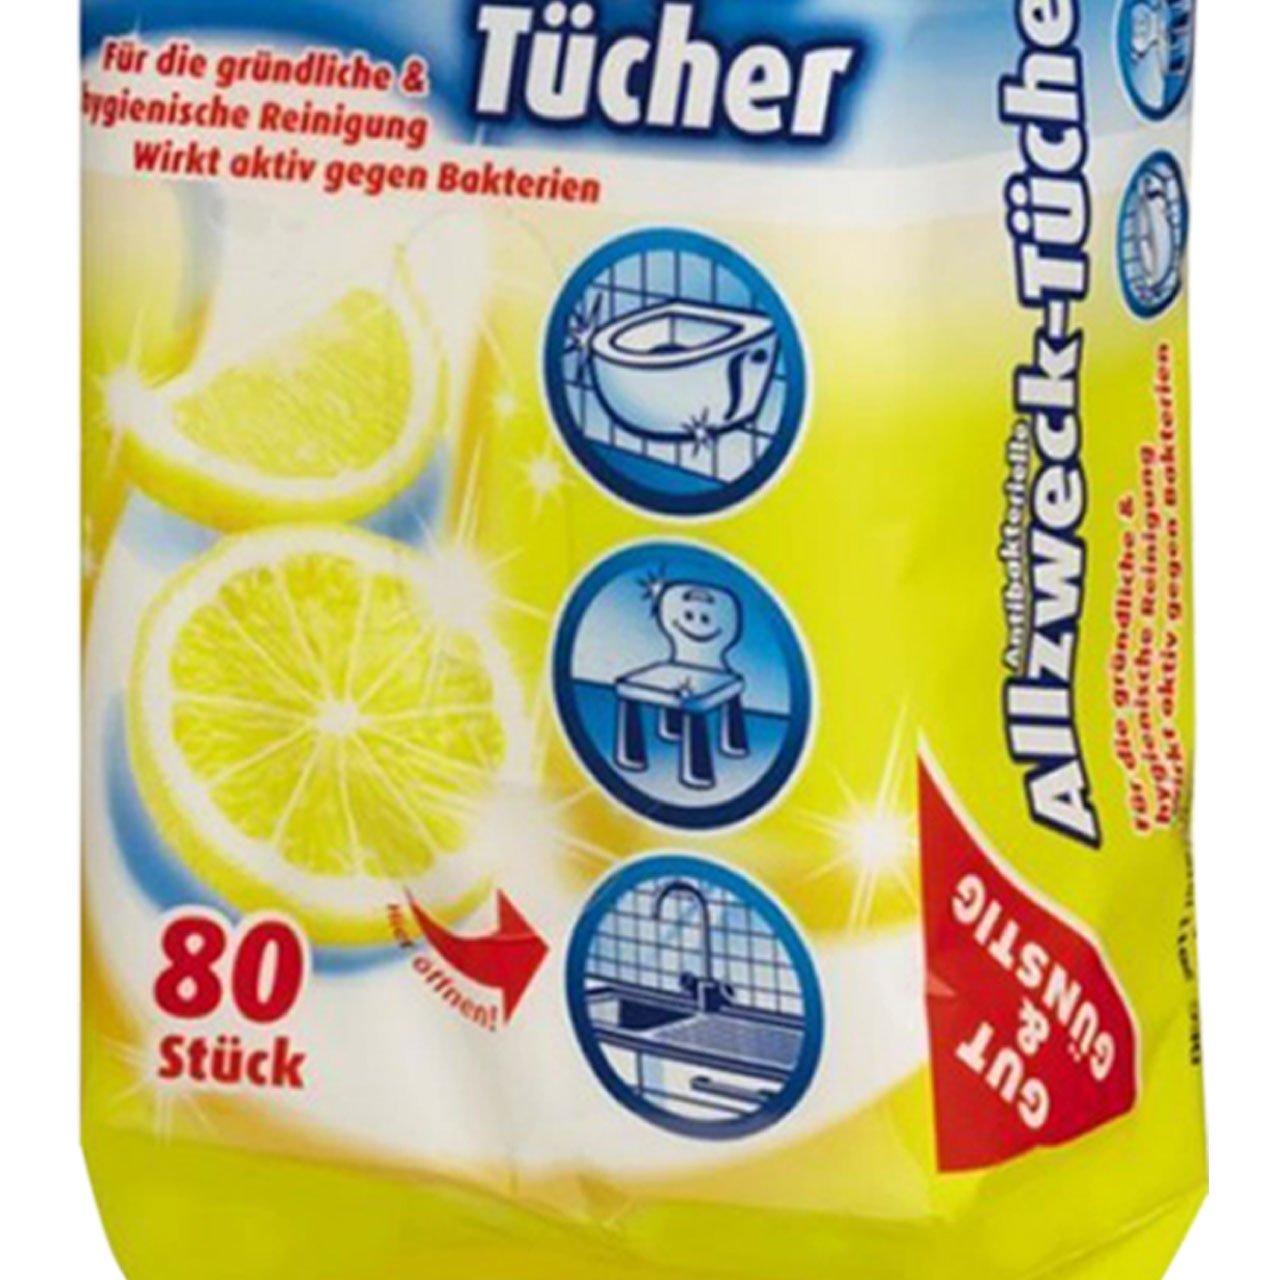 contenuto 3 x 80 pcs 3 Pack - Con un fresco profumo di limone per Se panni antibatterico in dispenser 80 pcs